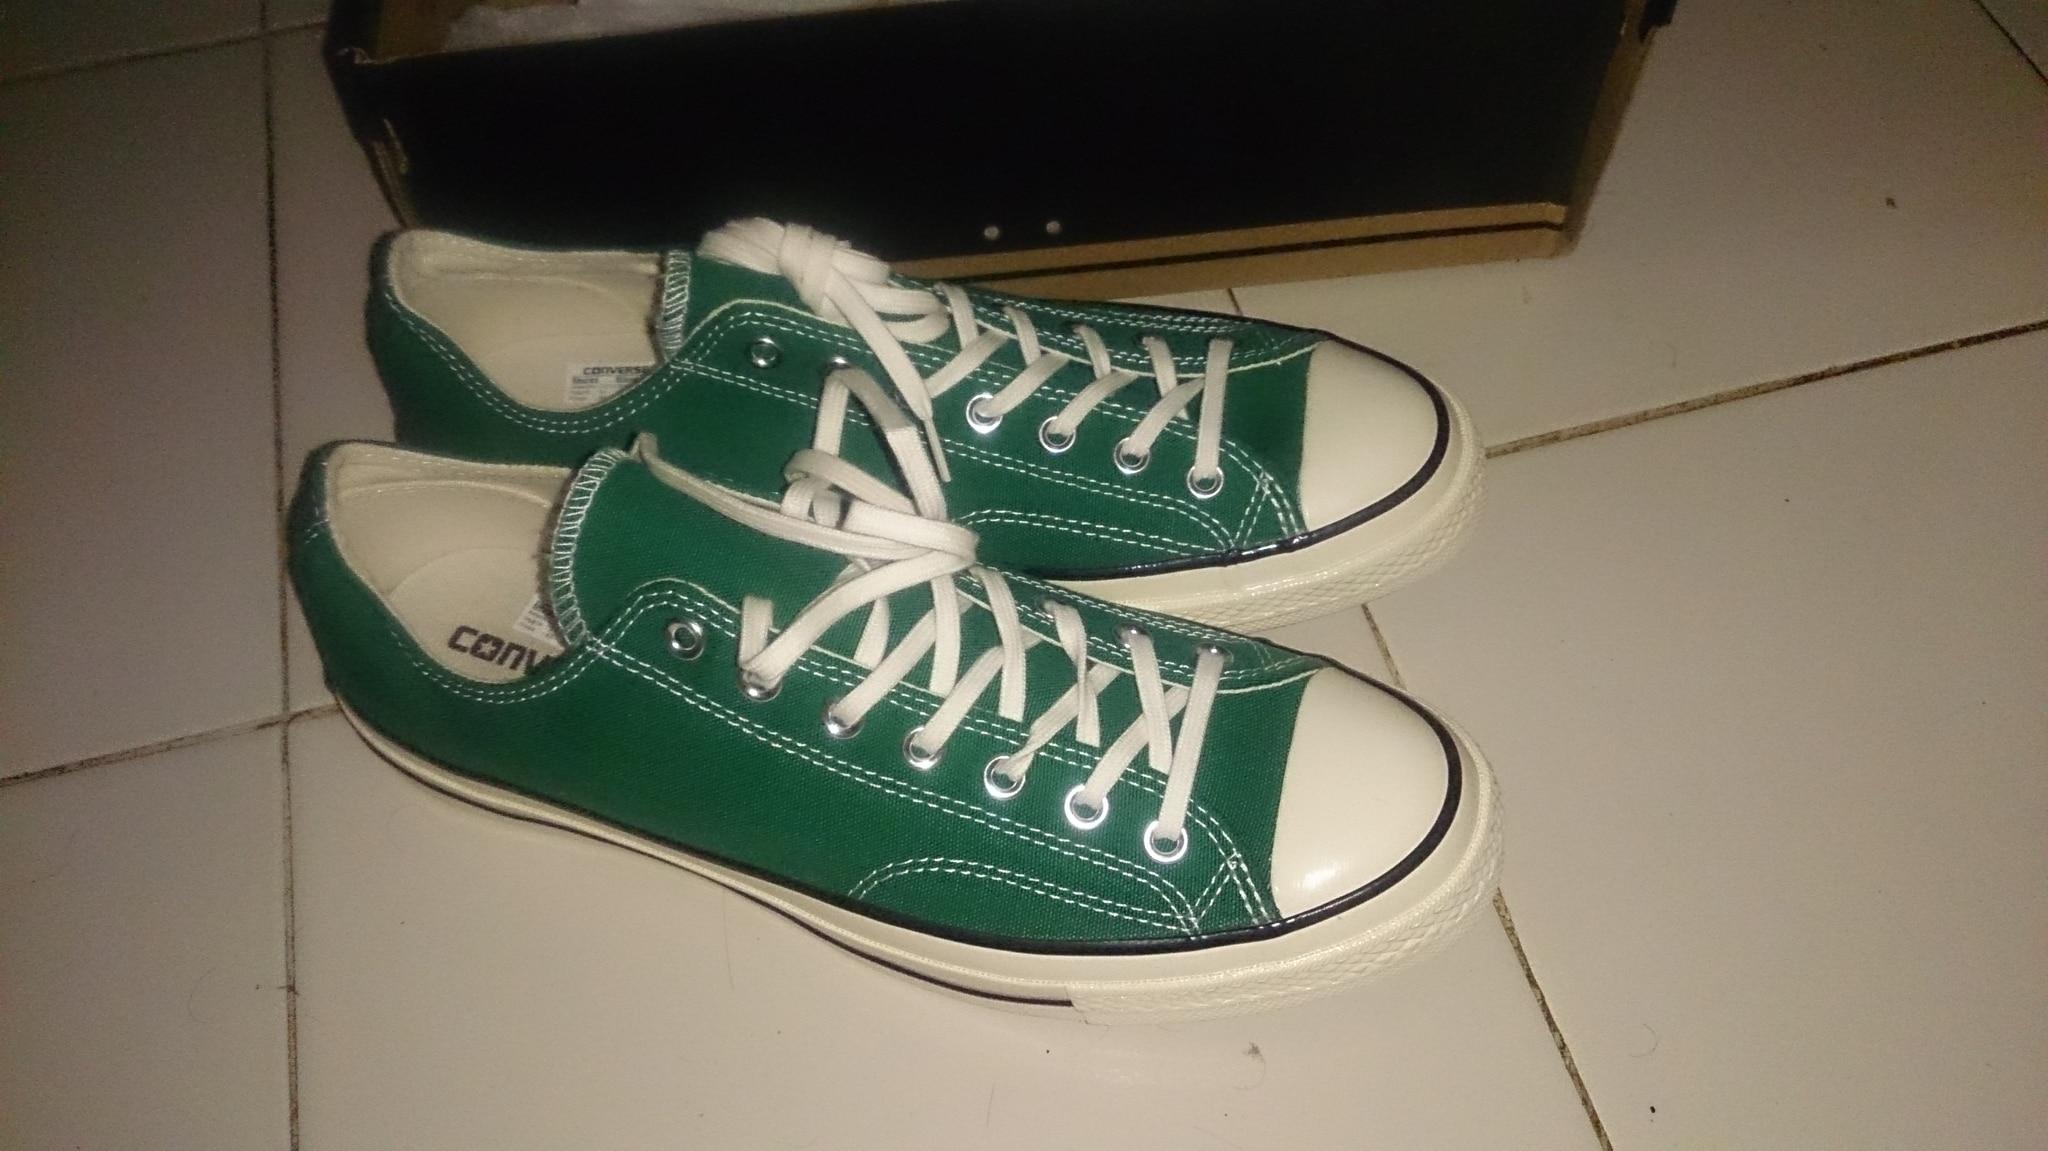 Jual Sepatu Converse Ct70 Amazon Green Ukuran 45 Harga Sepatu Fila Semi  Premium Gambar Yang Asli 5713a17815